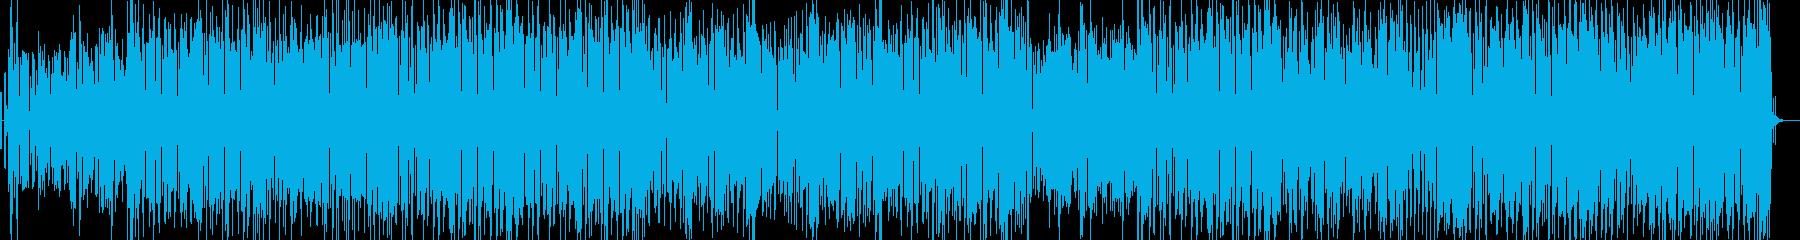 企業VP明るい楽しいハンドクラップBGMの再生済みの波形